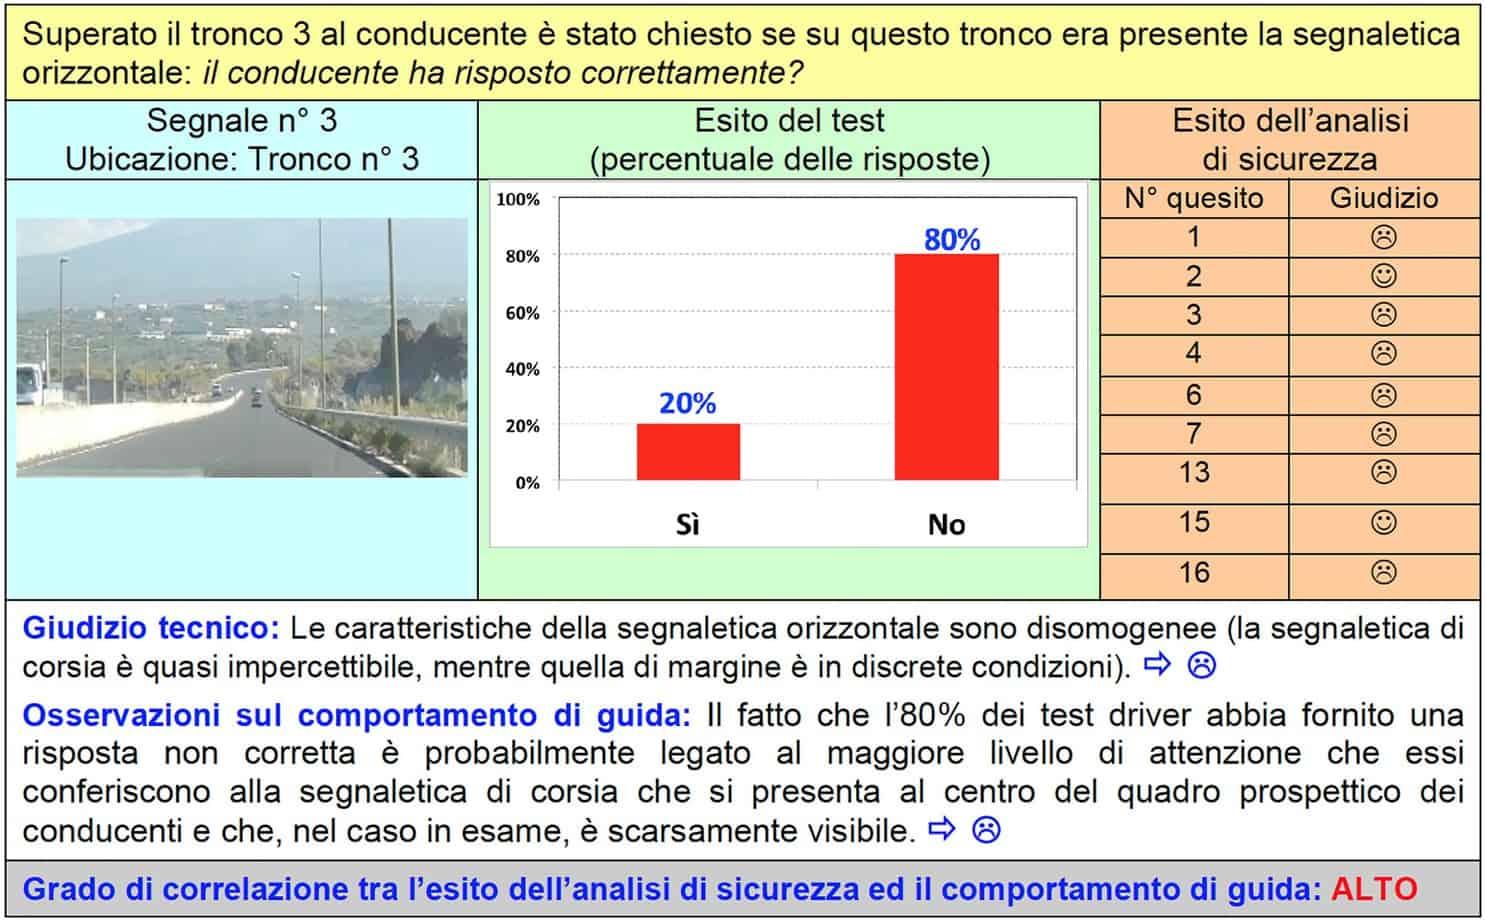 La scheda di correlazione per il segnale n° 3 del tronco n° 3